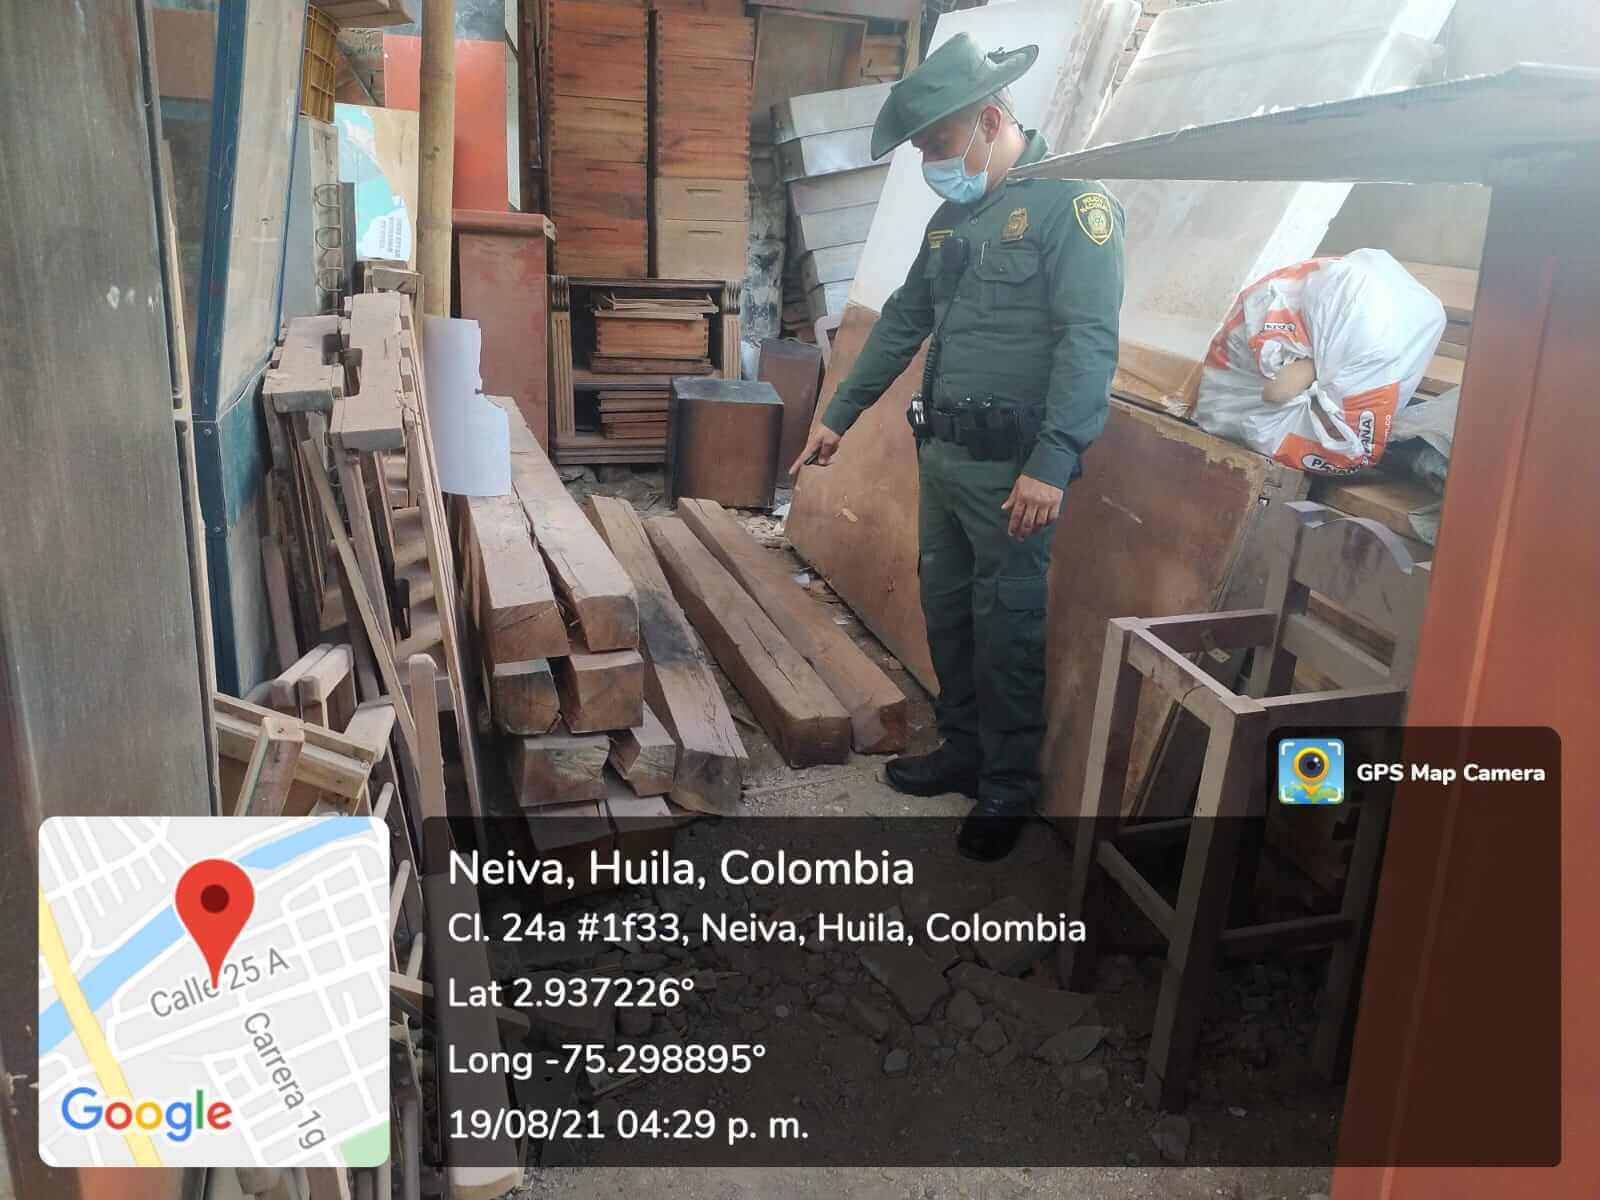 Incautaron madera ilegal en el barrio la Cordialidad de Neiva